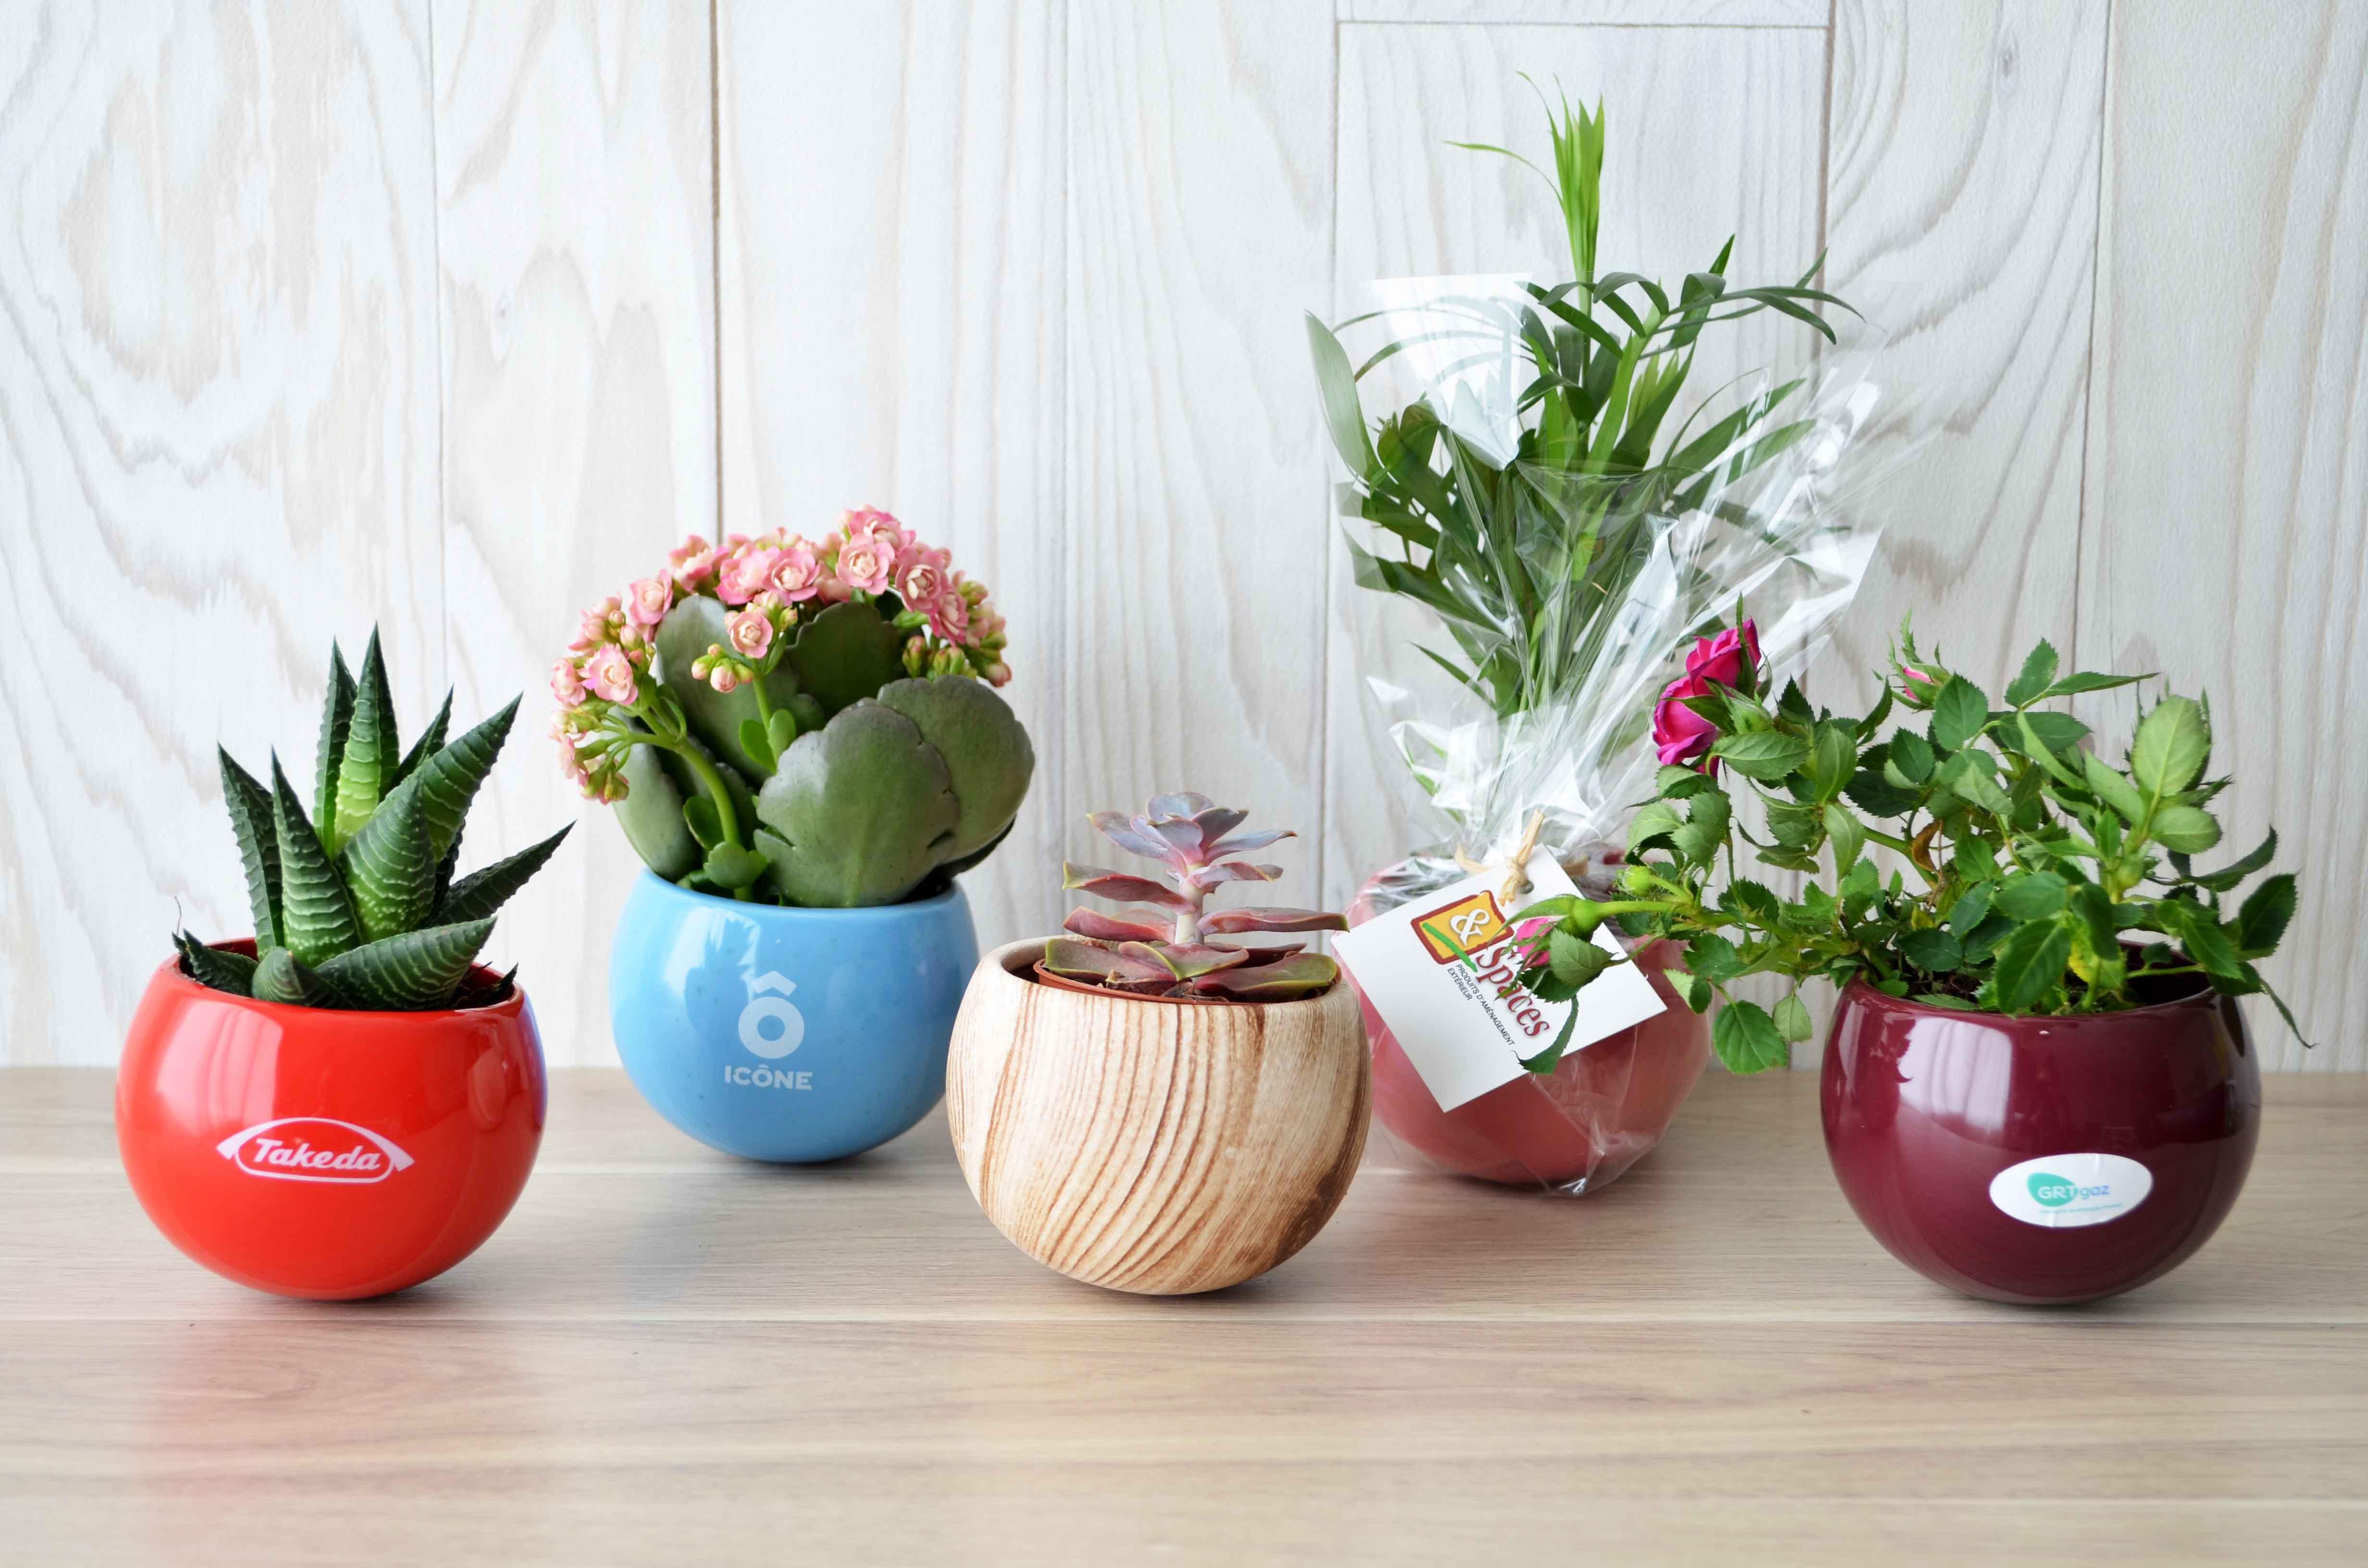 plaque aimante pour plantes lvitation en pot aimant en plastique flottant pot air bonsa blanc. Black Bedroom Furniture Sets. Home Design Ideas